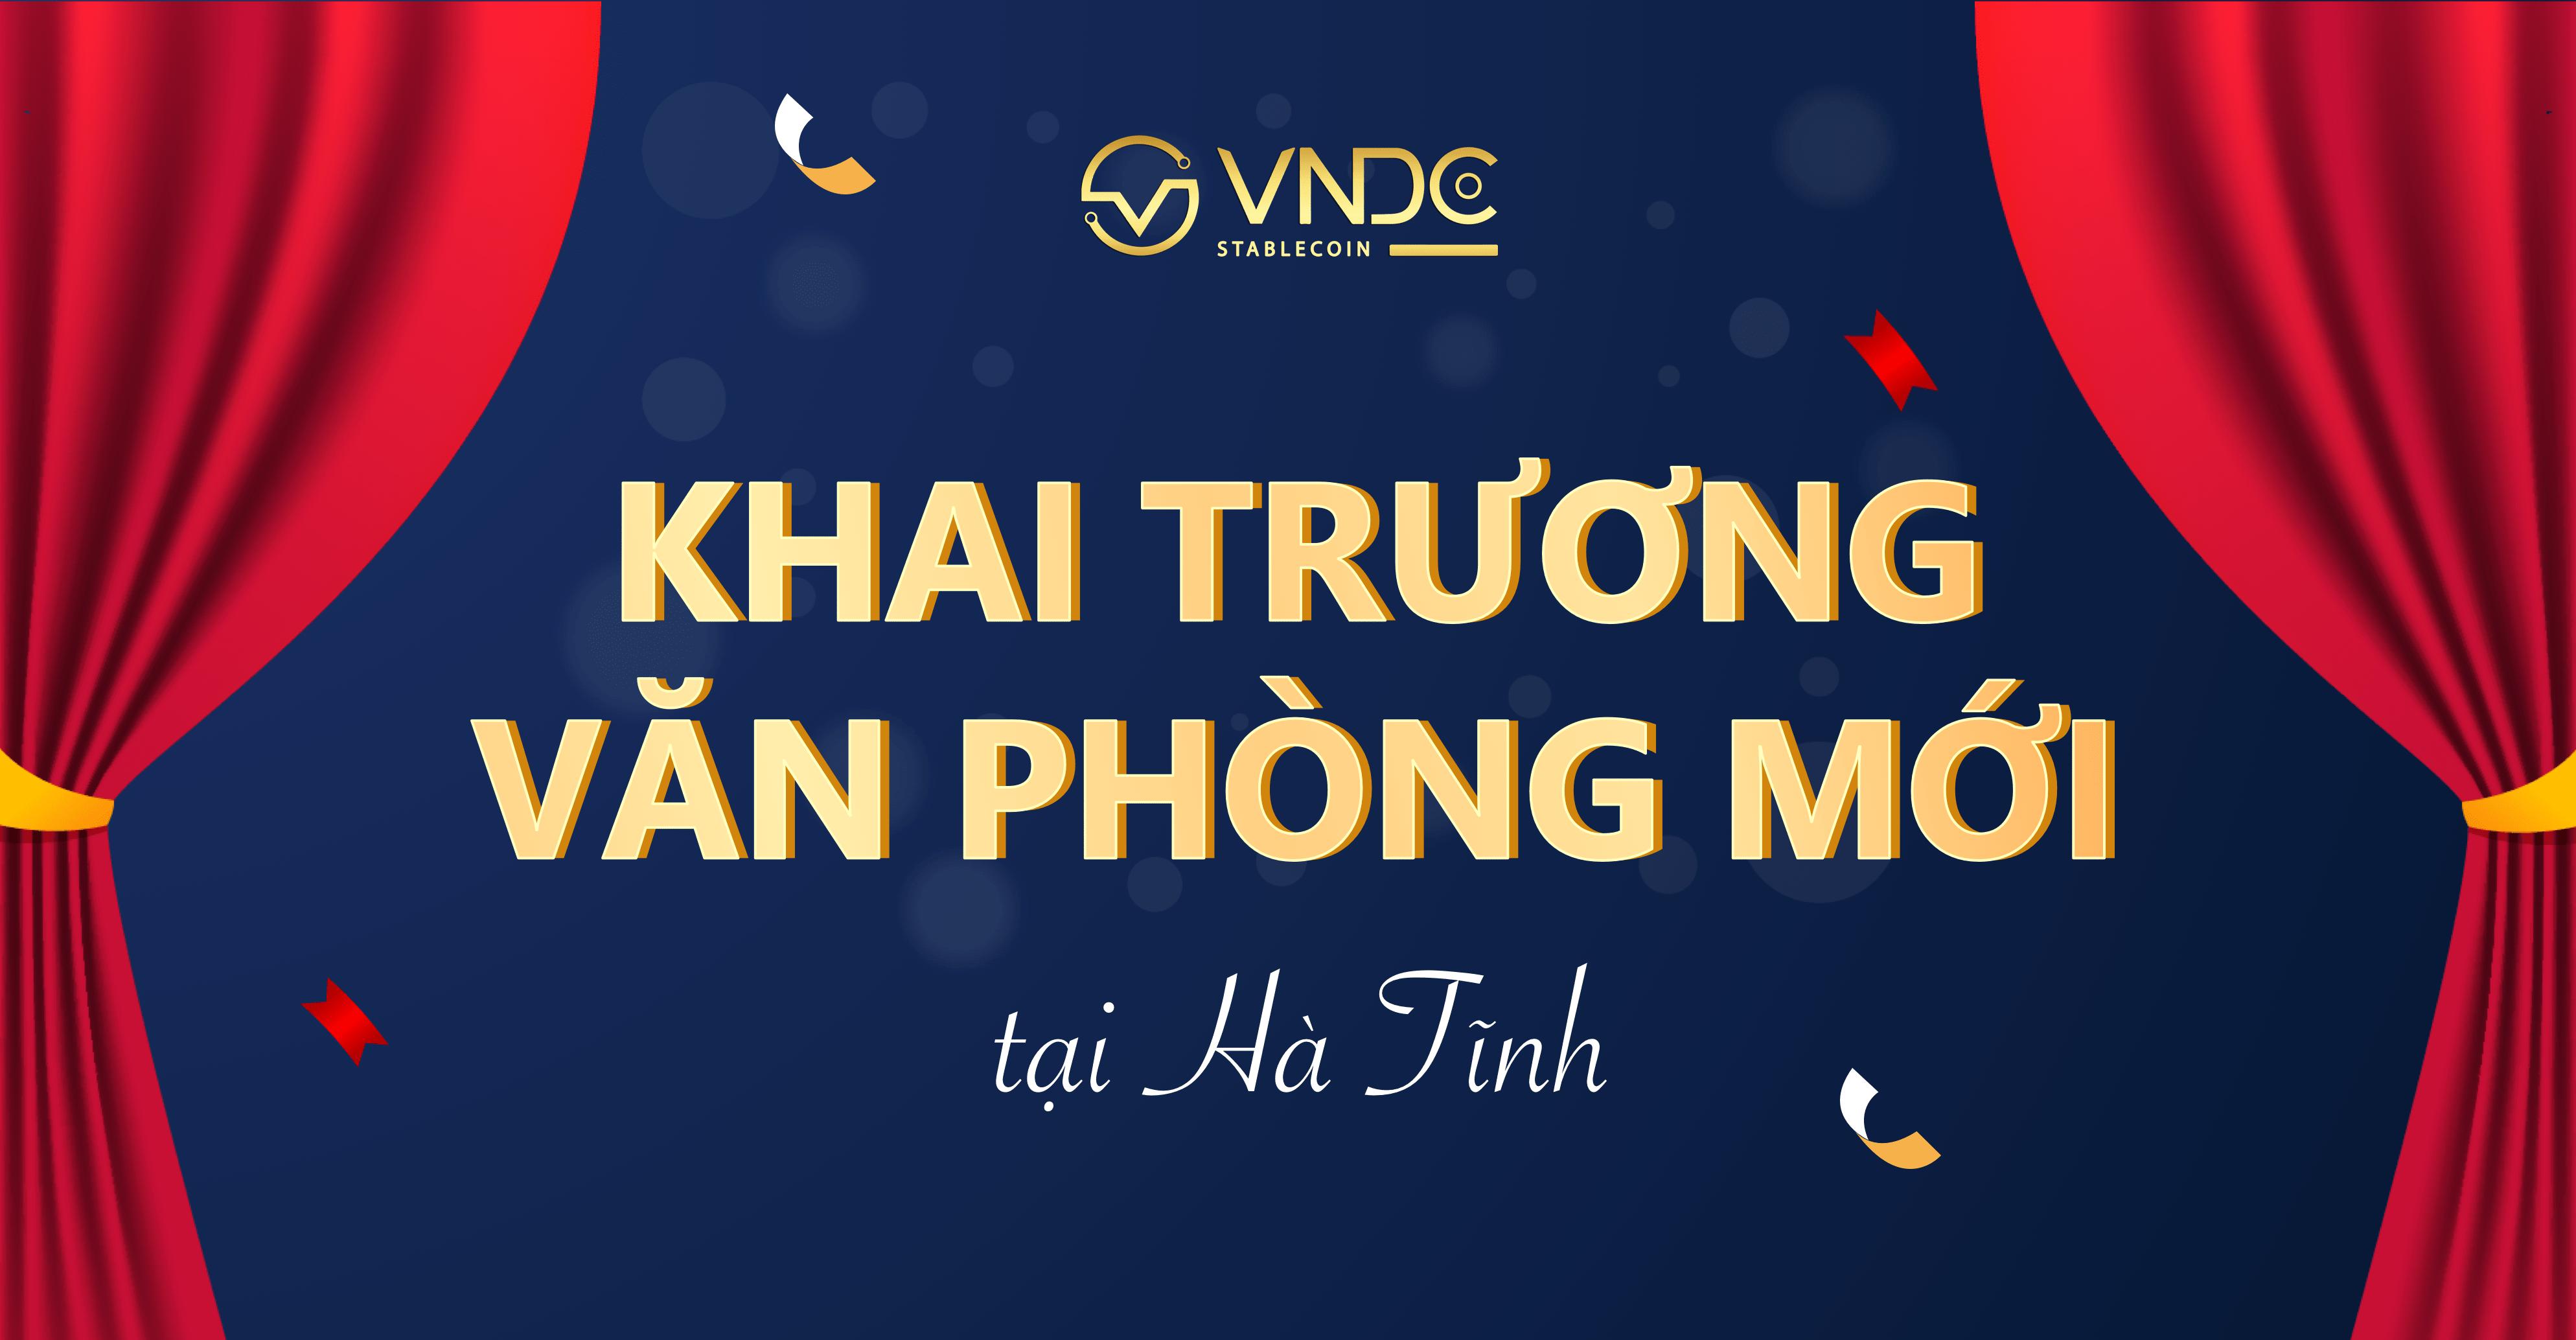 Khai trương Văn phòng Đối tác kinh doanh cấp Khu vực tại Hà Tĩnh